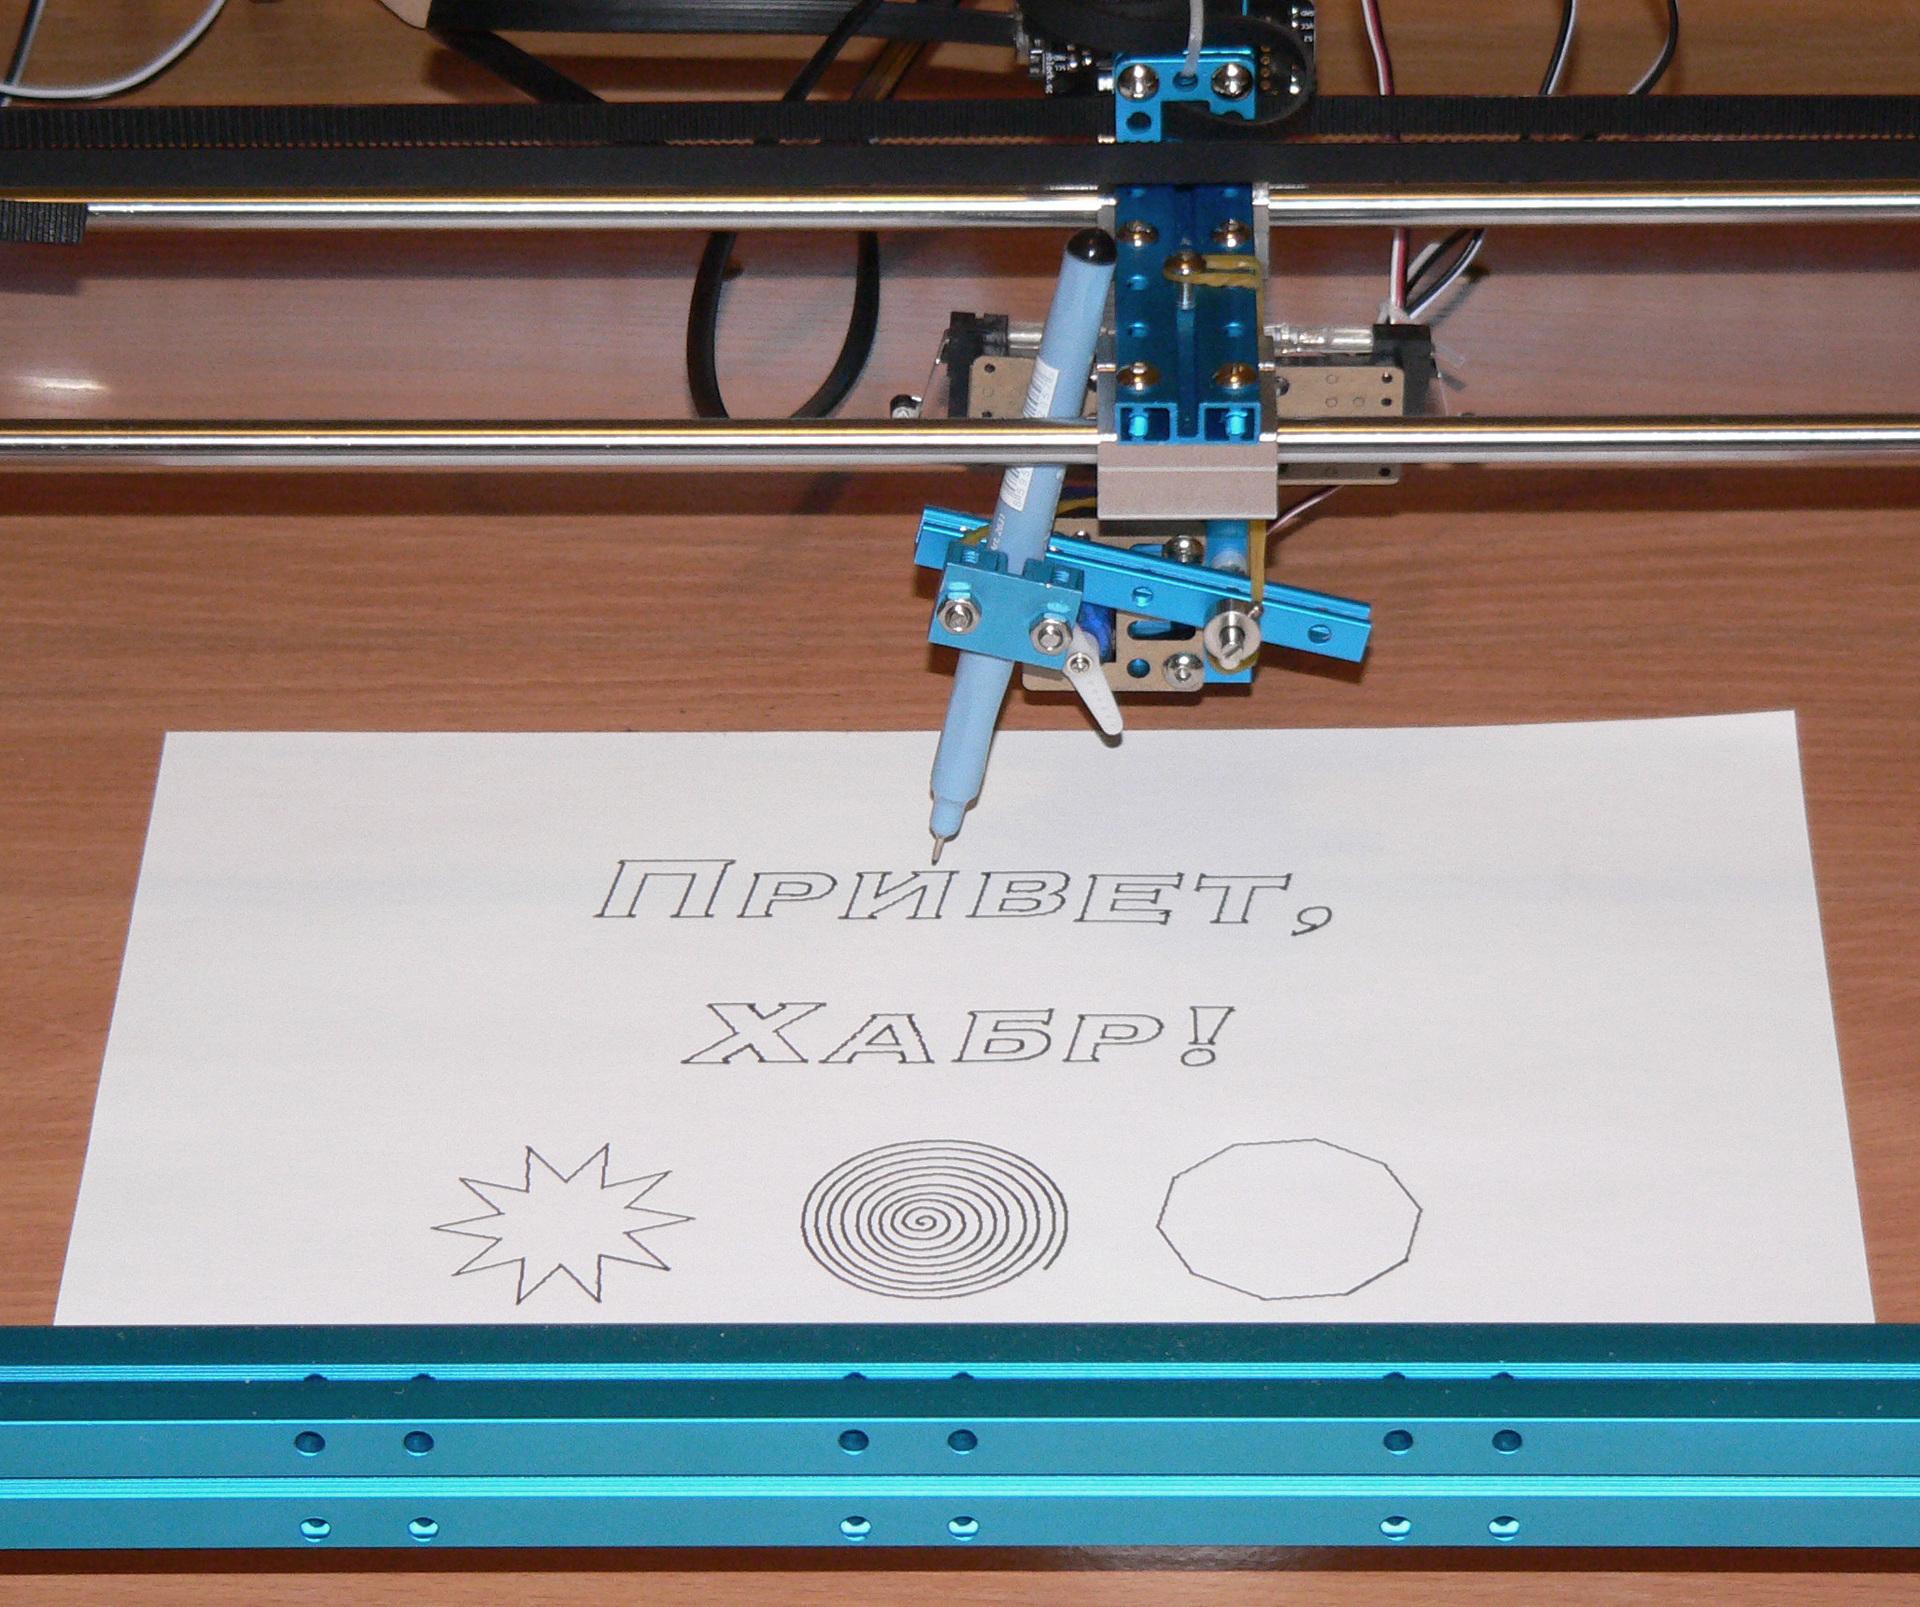 Фотография плоттера с листом бумаги, на котором рисунок